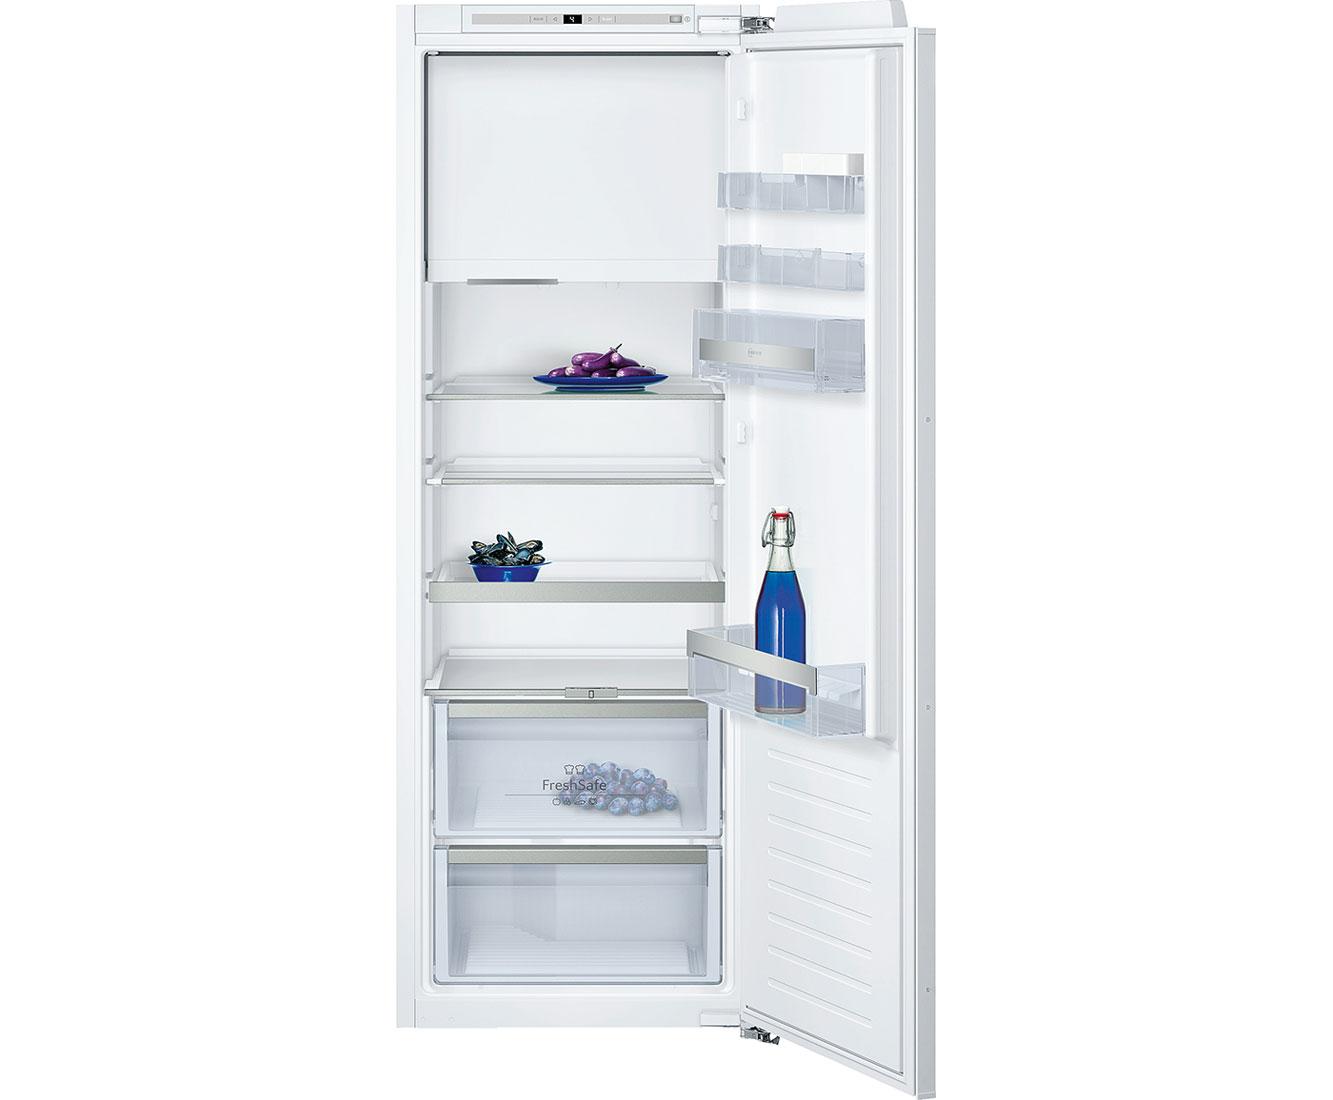 Kühlschrank Neff : Neff ki f k a einbau kühlschrank mit gefrierfach